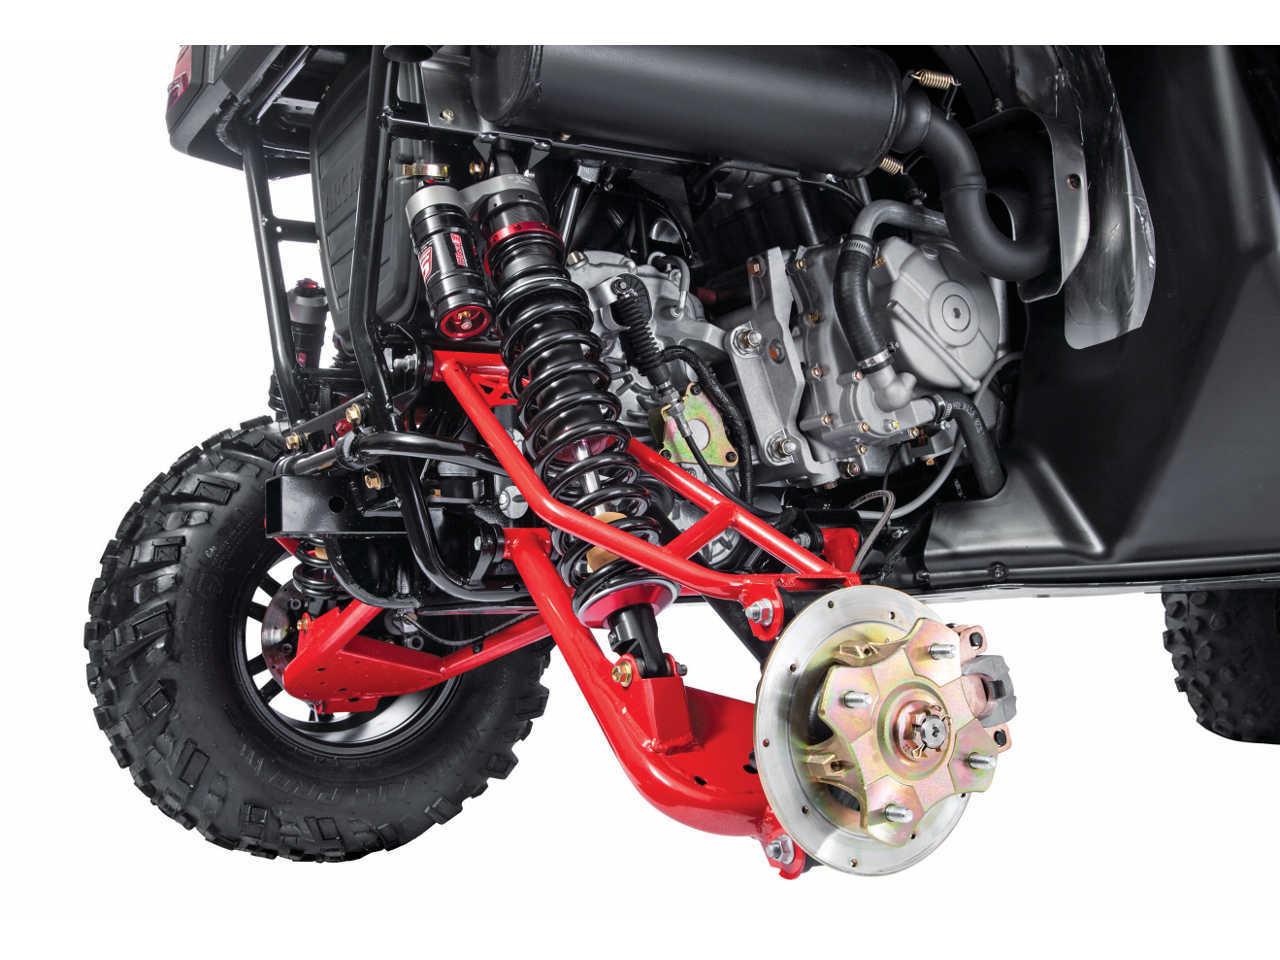 спешила, конструкция рычагов передней подвески квадроциклов картинки луценко впервые долгое